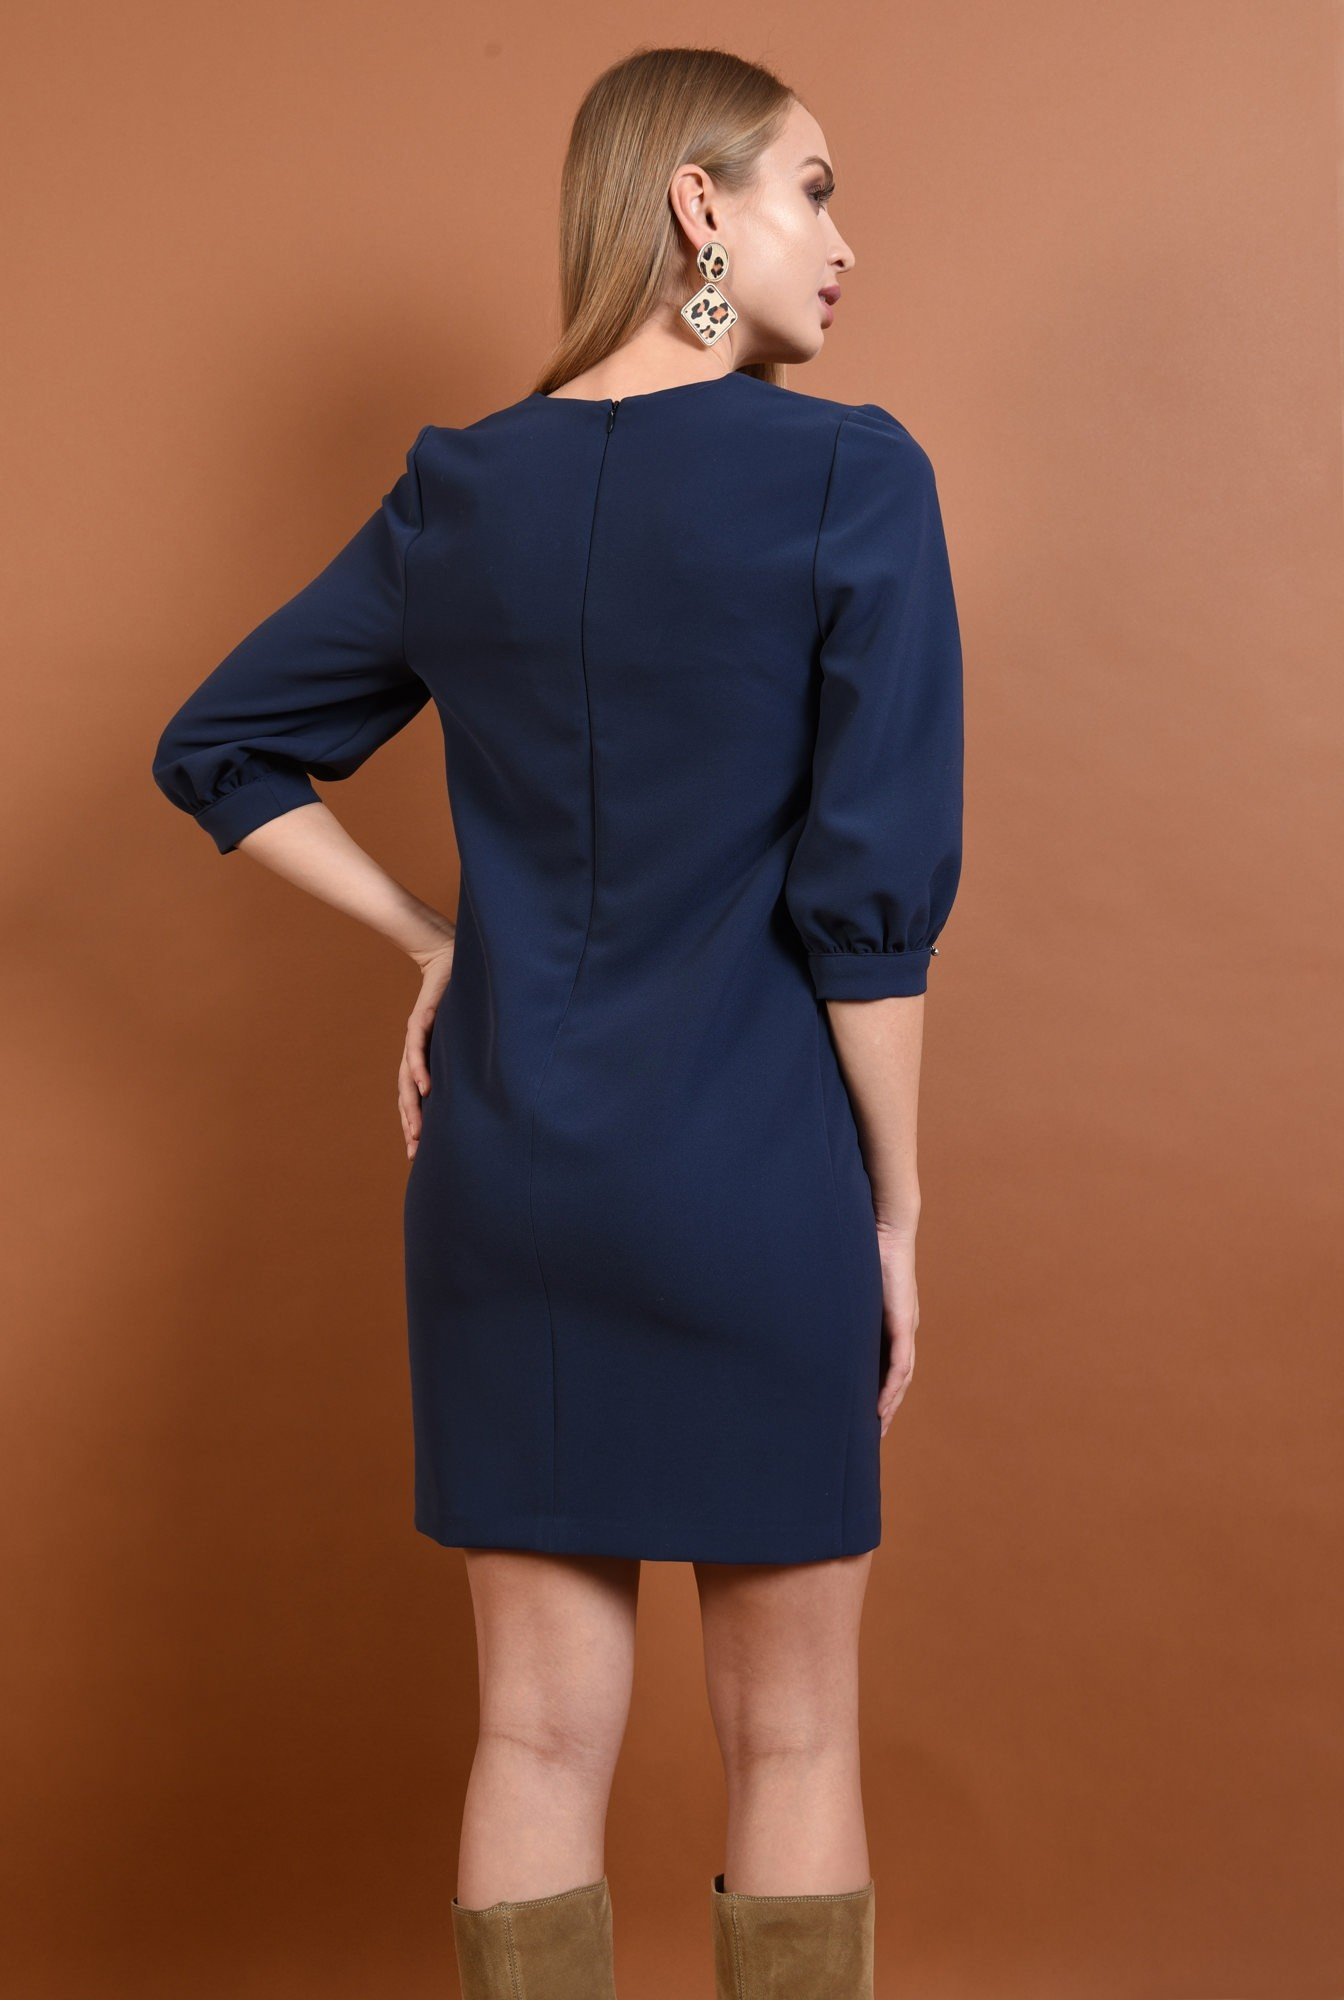 1 - rochie casual, scurta, decolteu, anchior, rochii de dama online